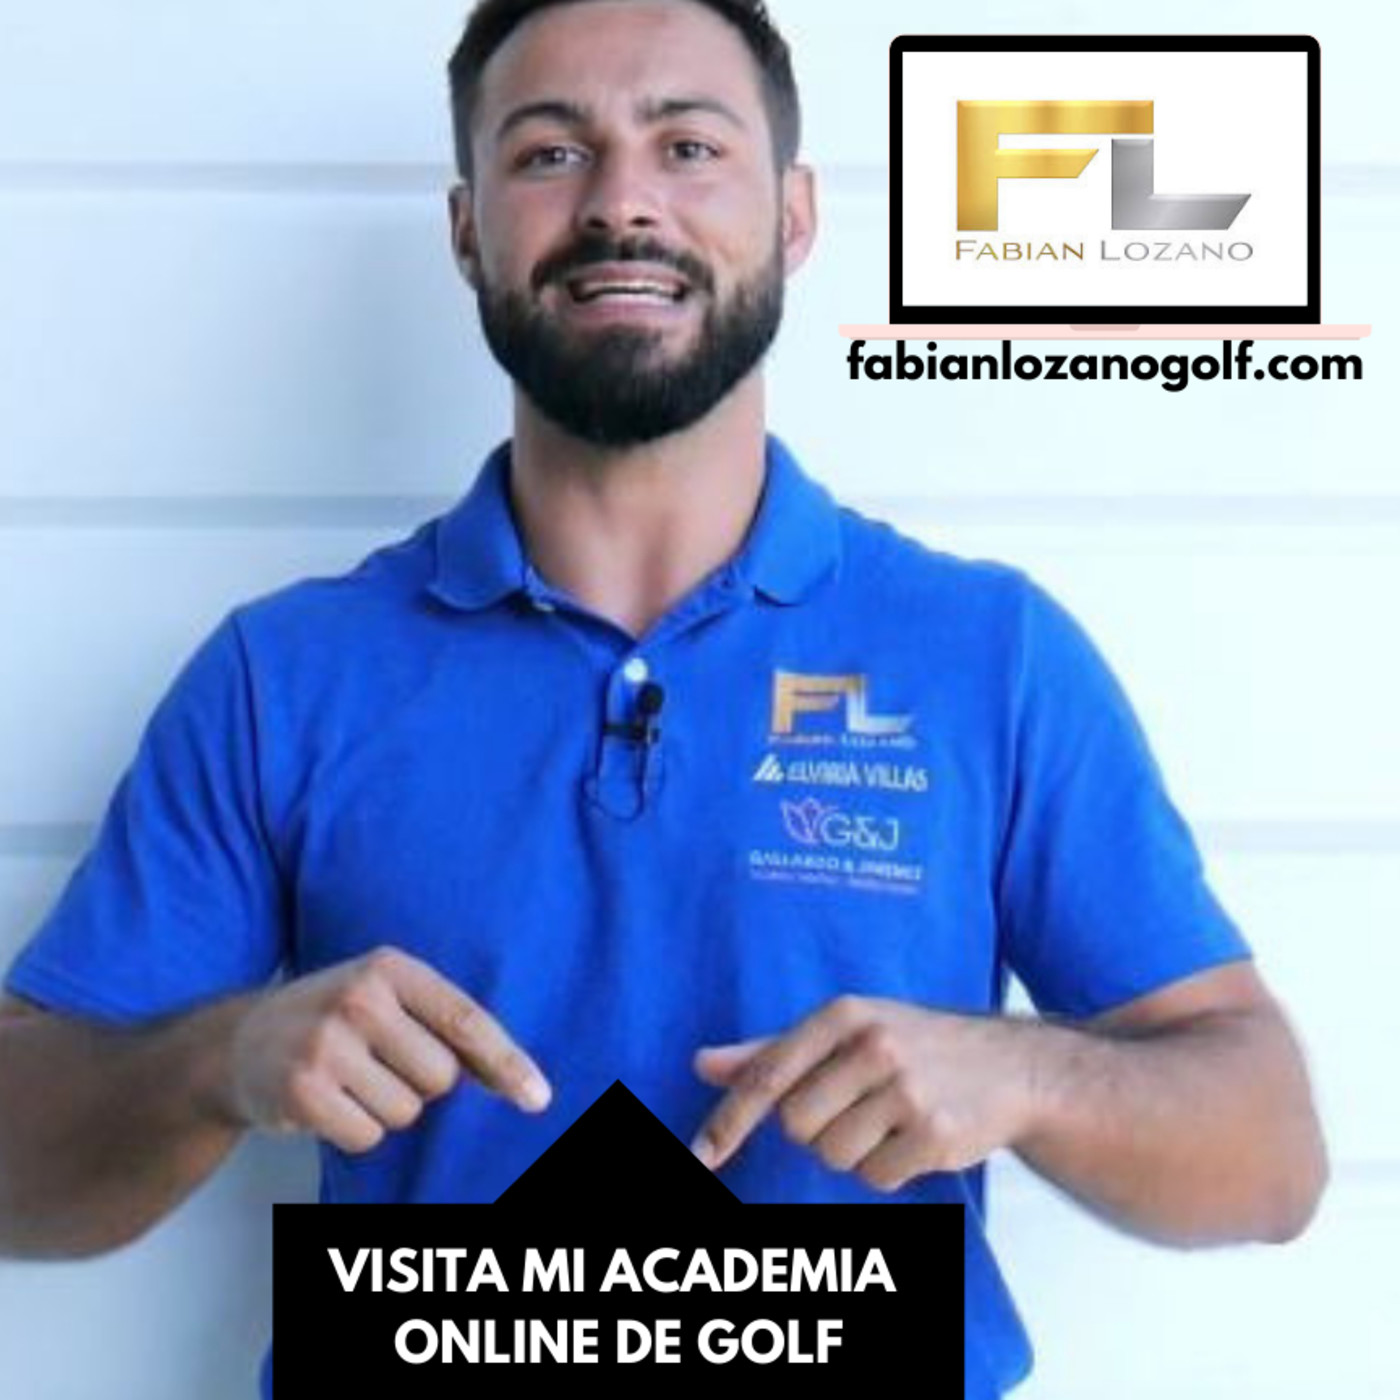 PODCAST #25 - Creando una academia online de golf - fabian lozano